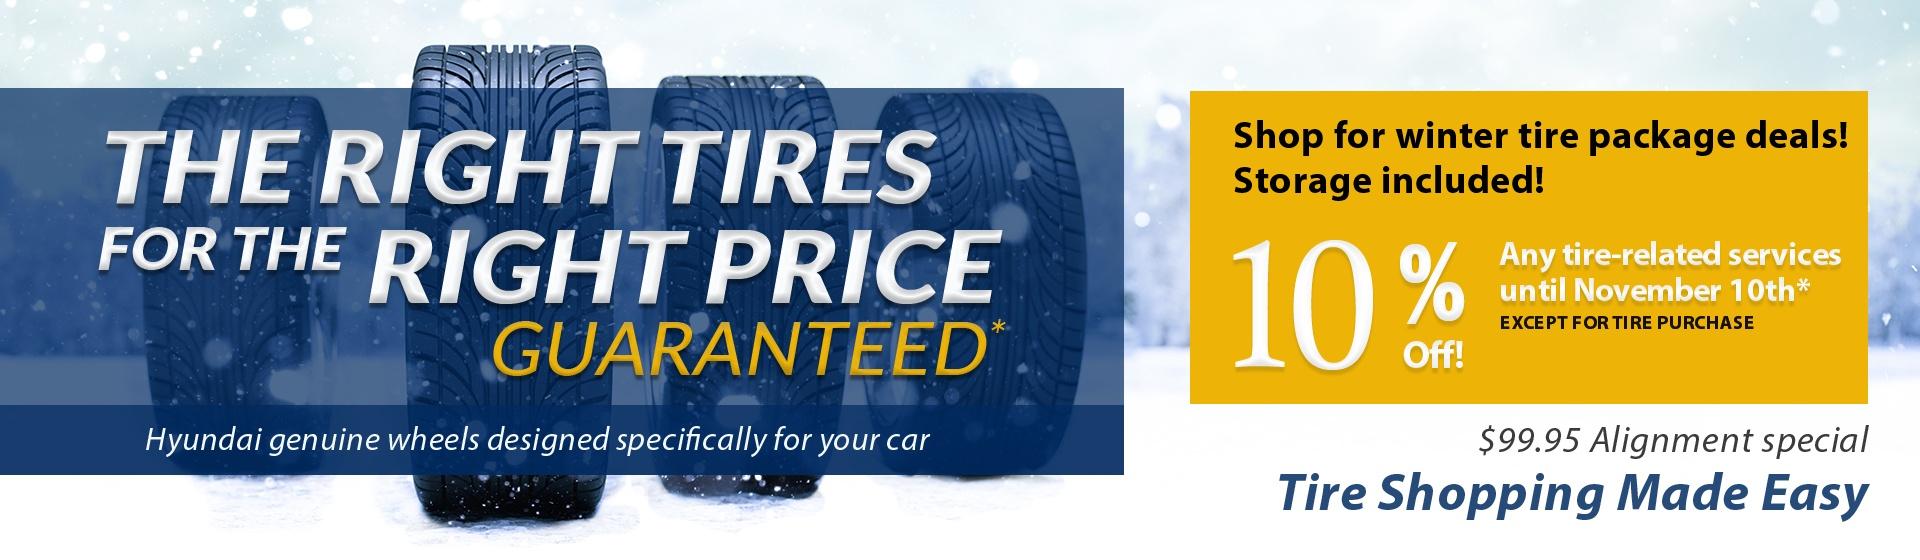 Best Tire Deals Kitchener Hyundai